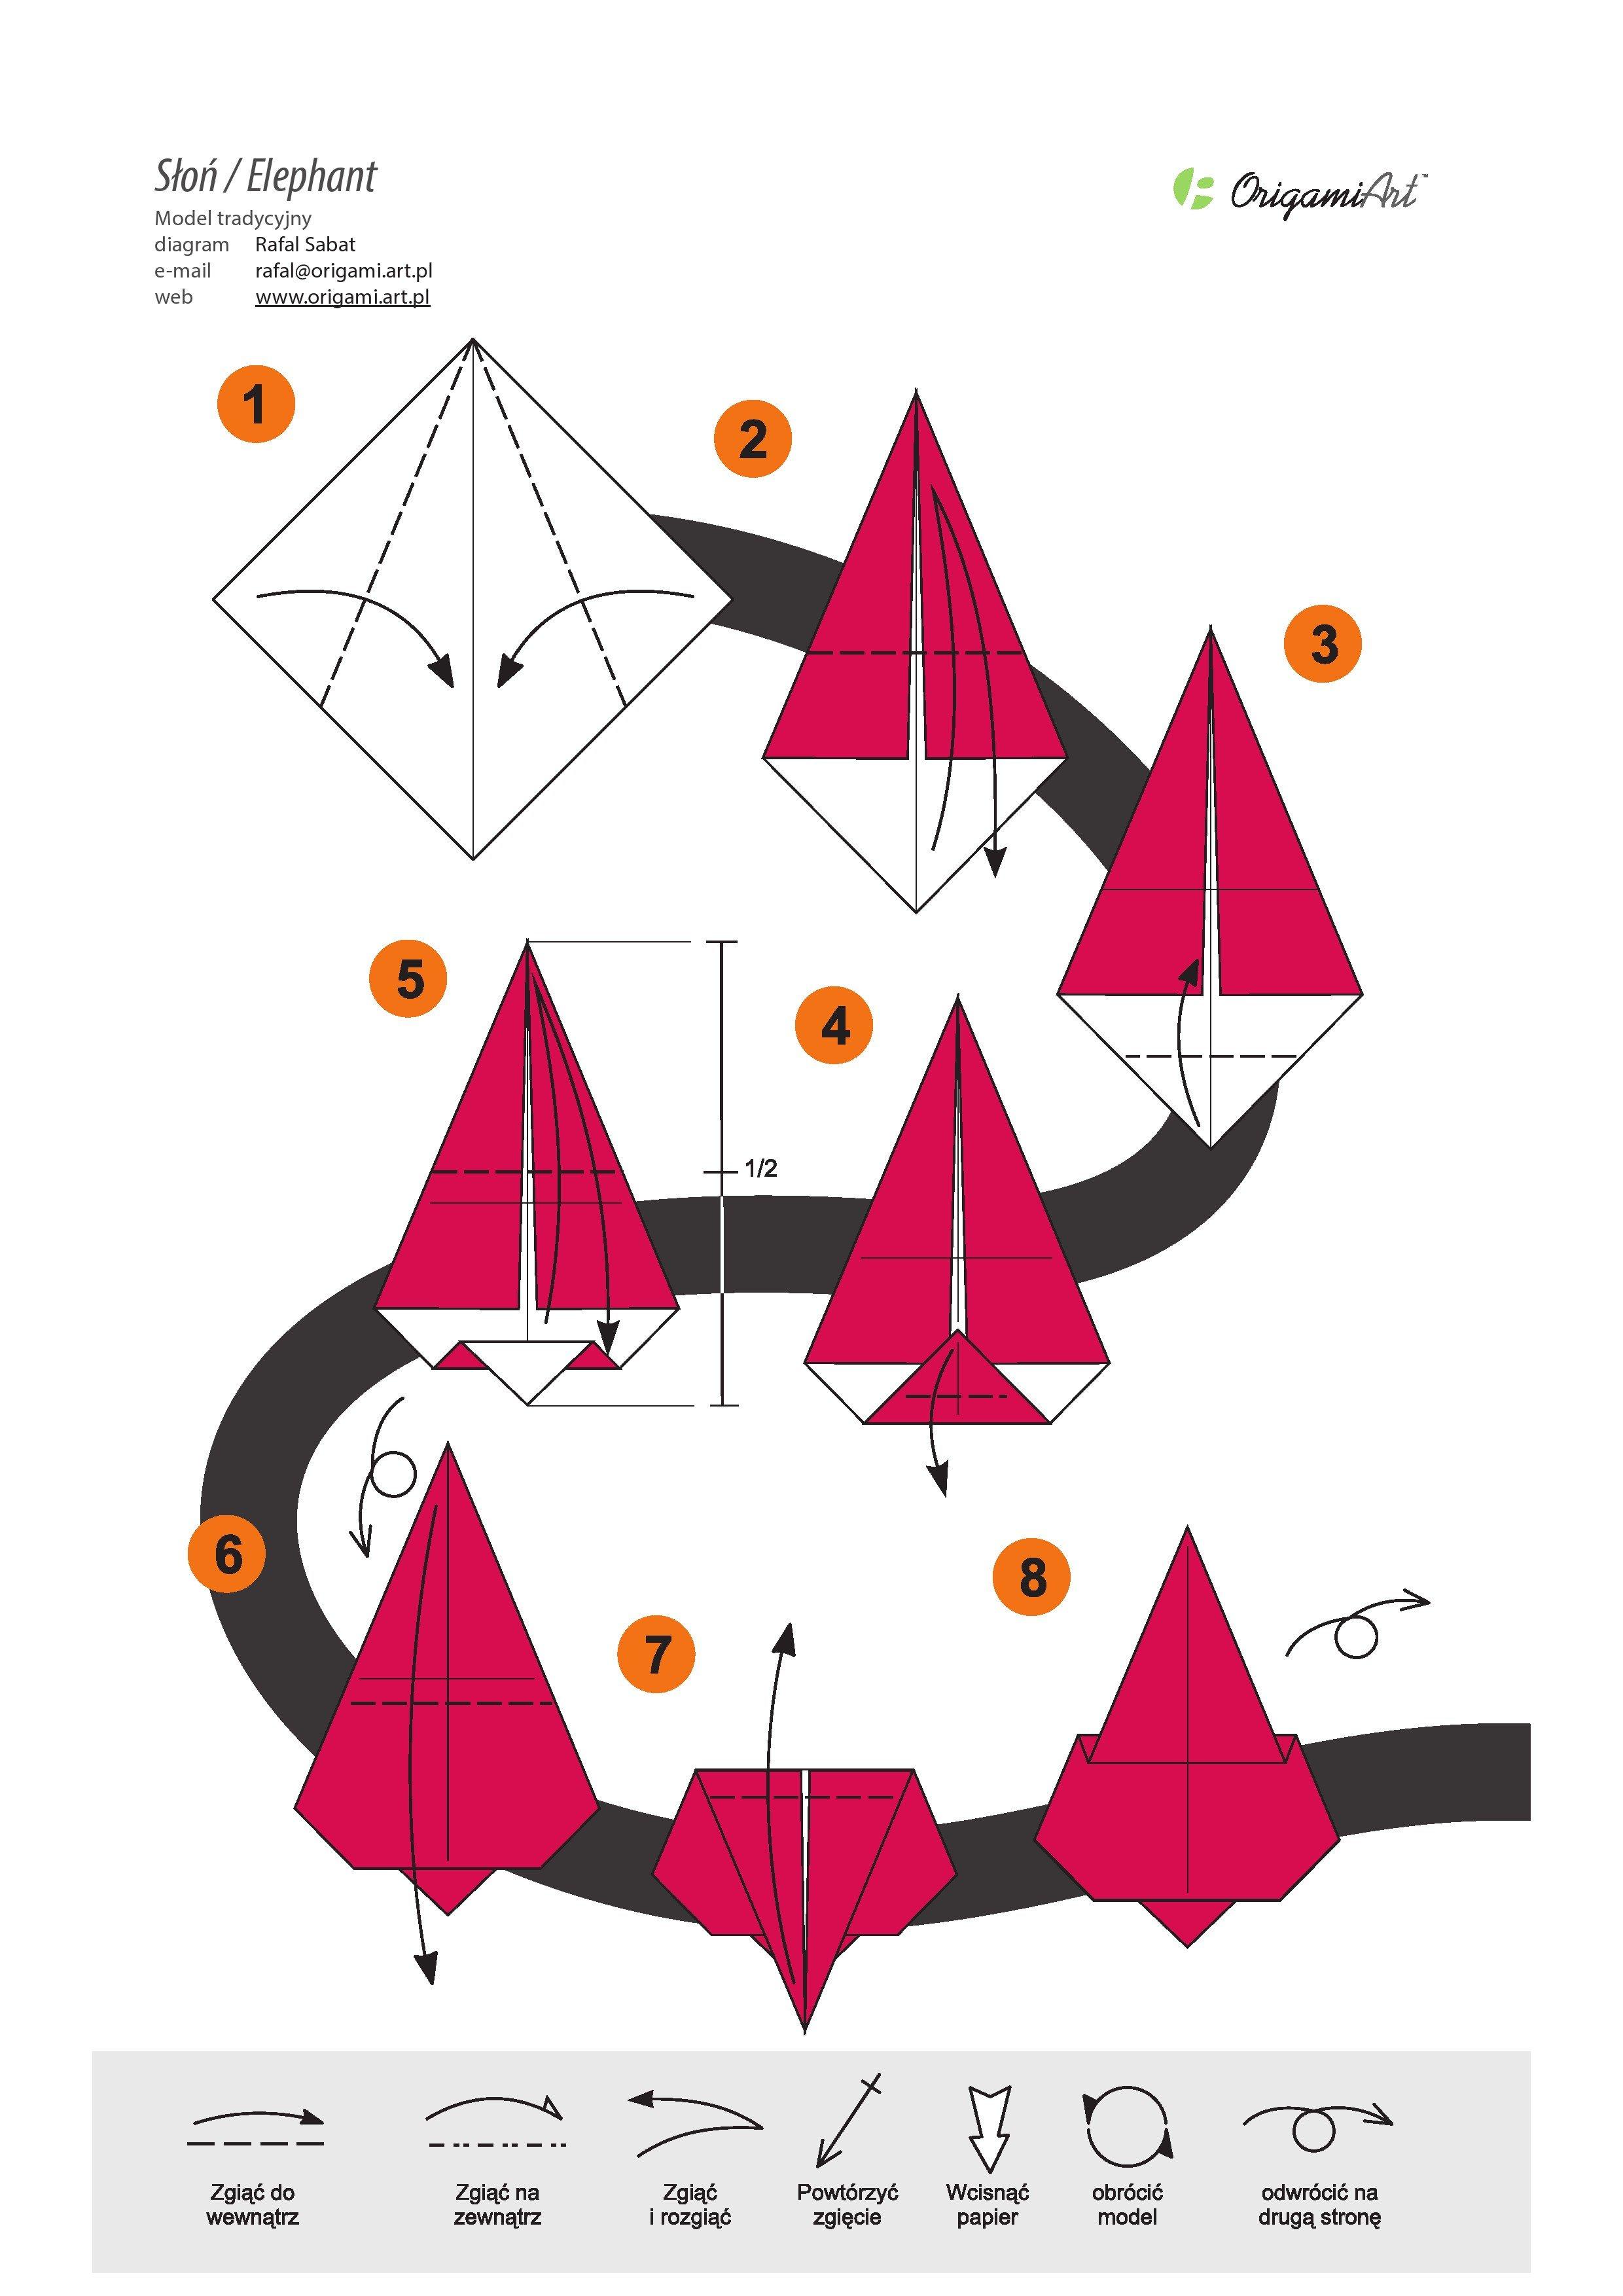 Słoń 1 - tradycyjny model origami